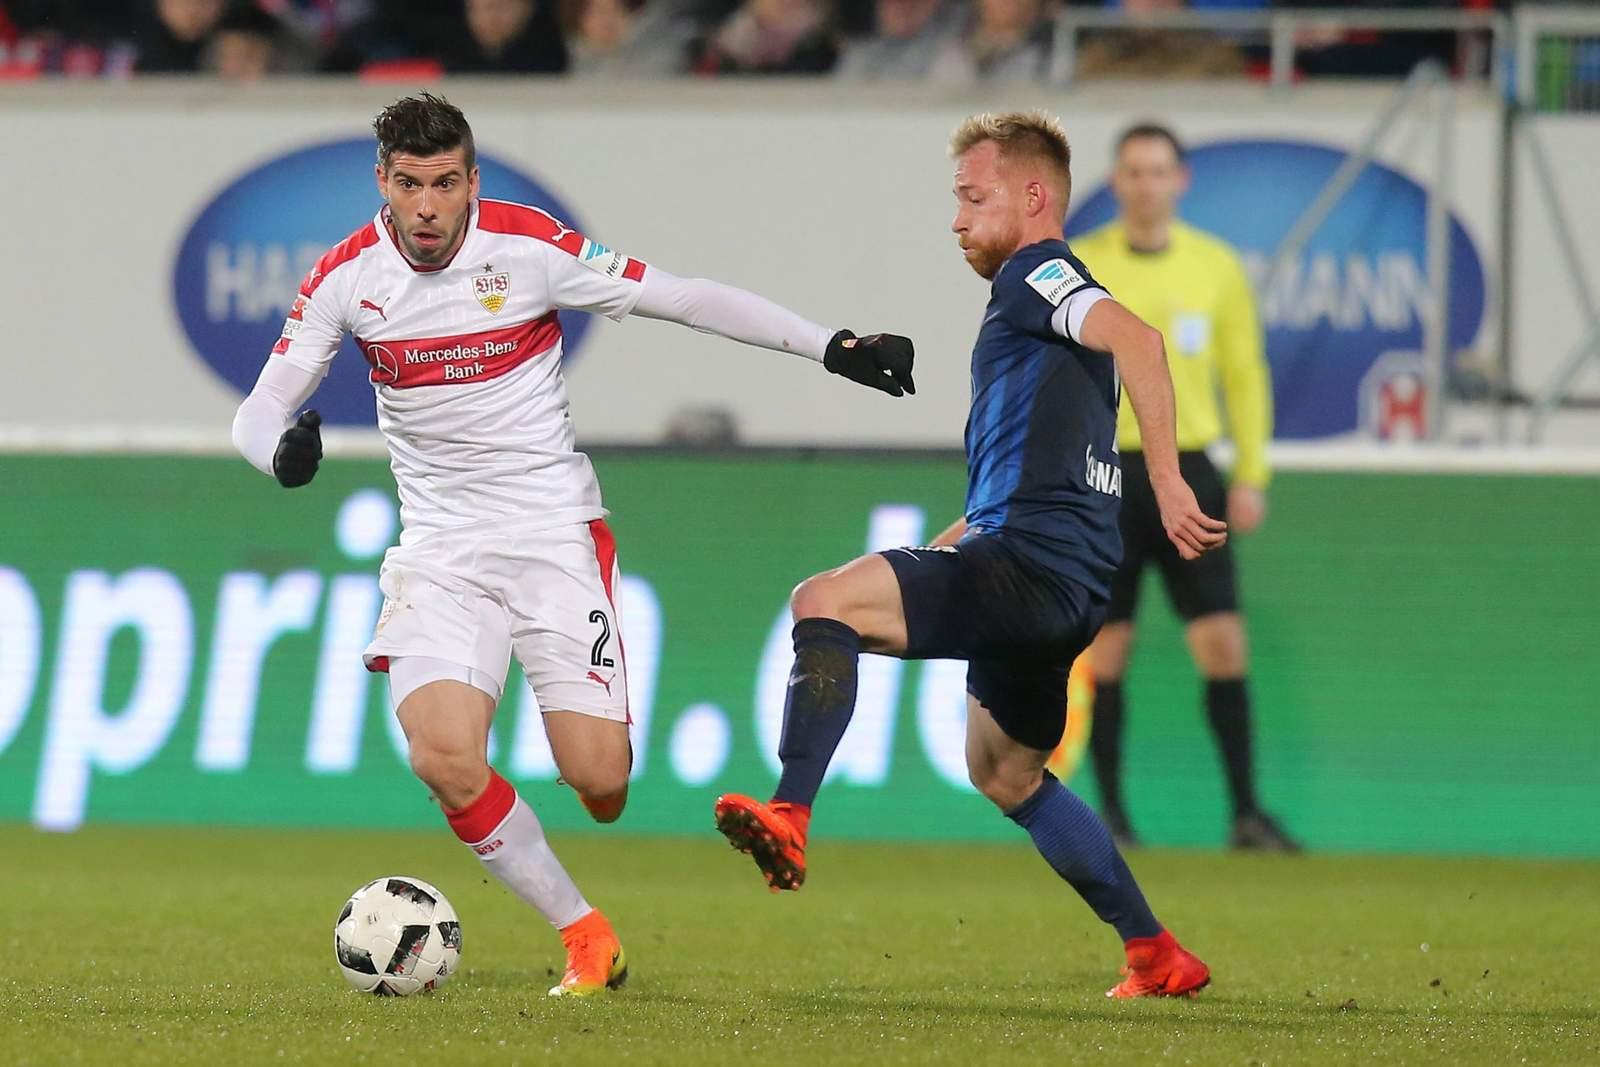 Wer gewinnt das schwäbische Derby? Jetzt auf Heidenheim gegen Stuttgart wetten!